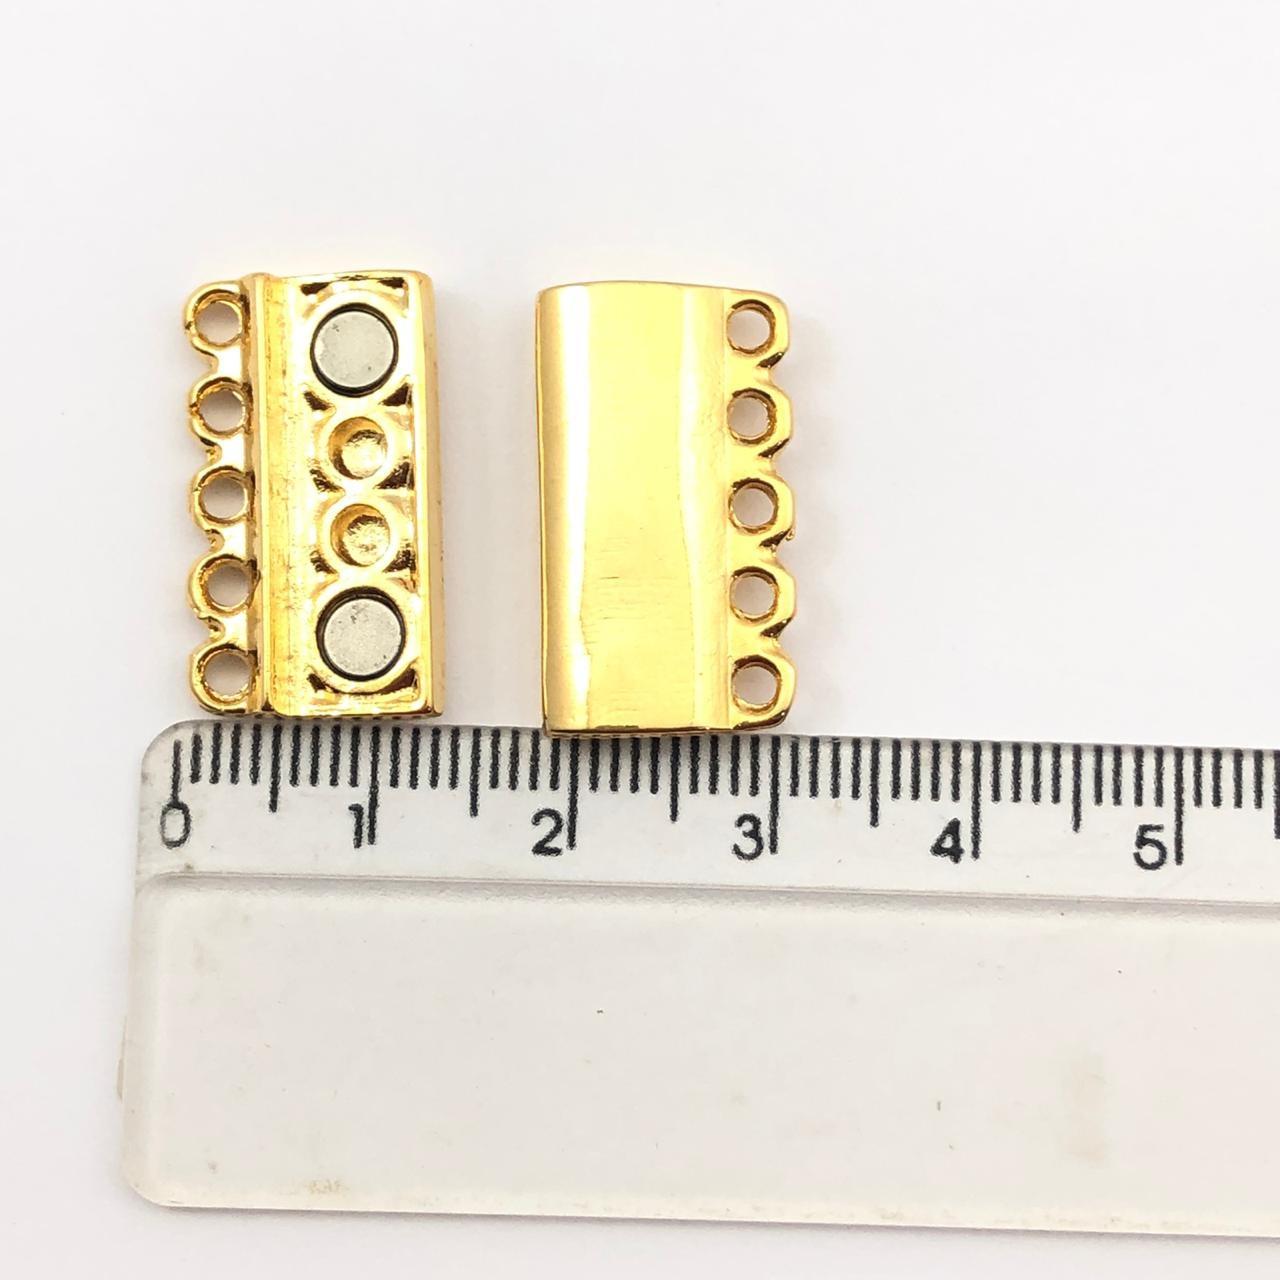 FC104 - Fecho Imã 5 Saídas Ouro - 01Conjunto